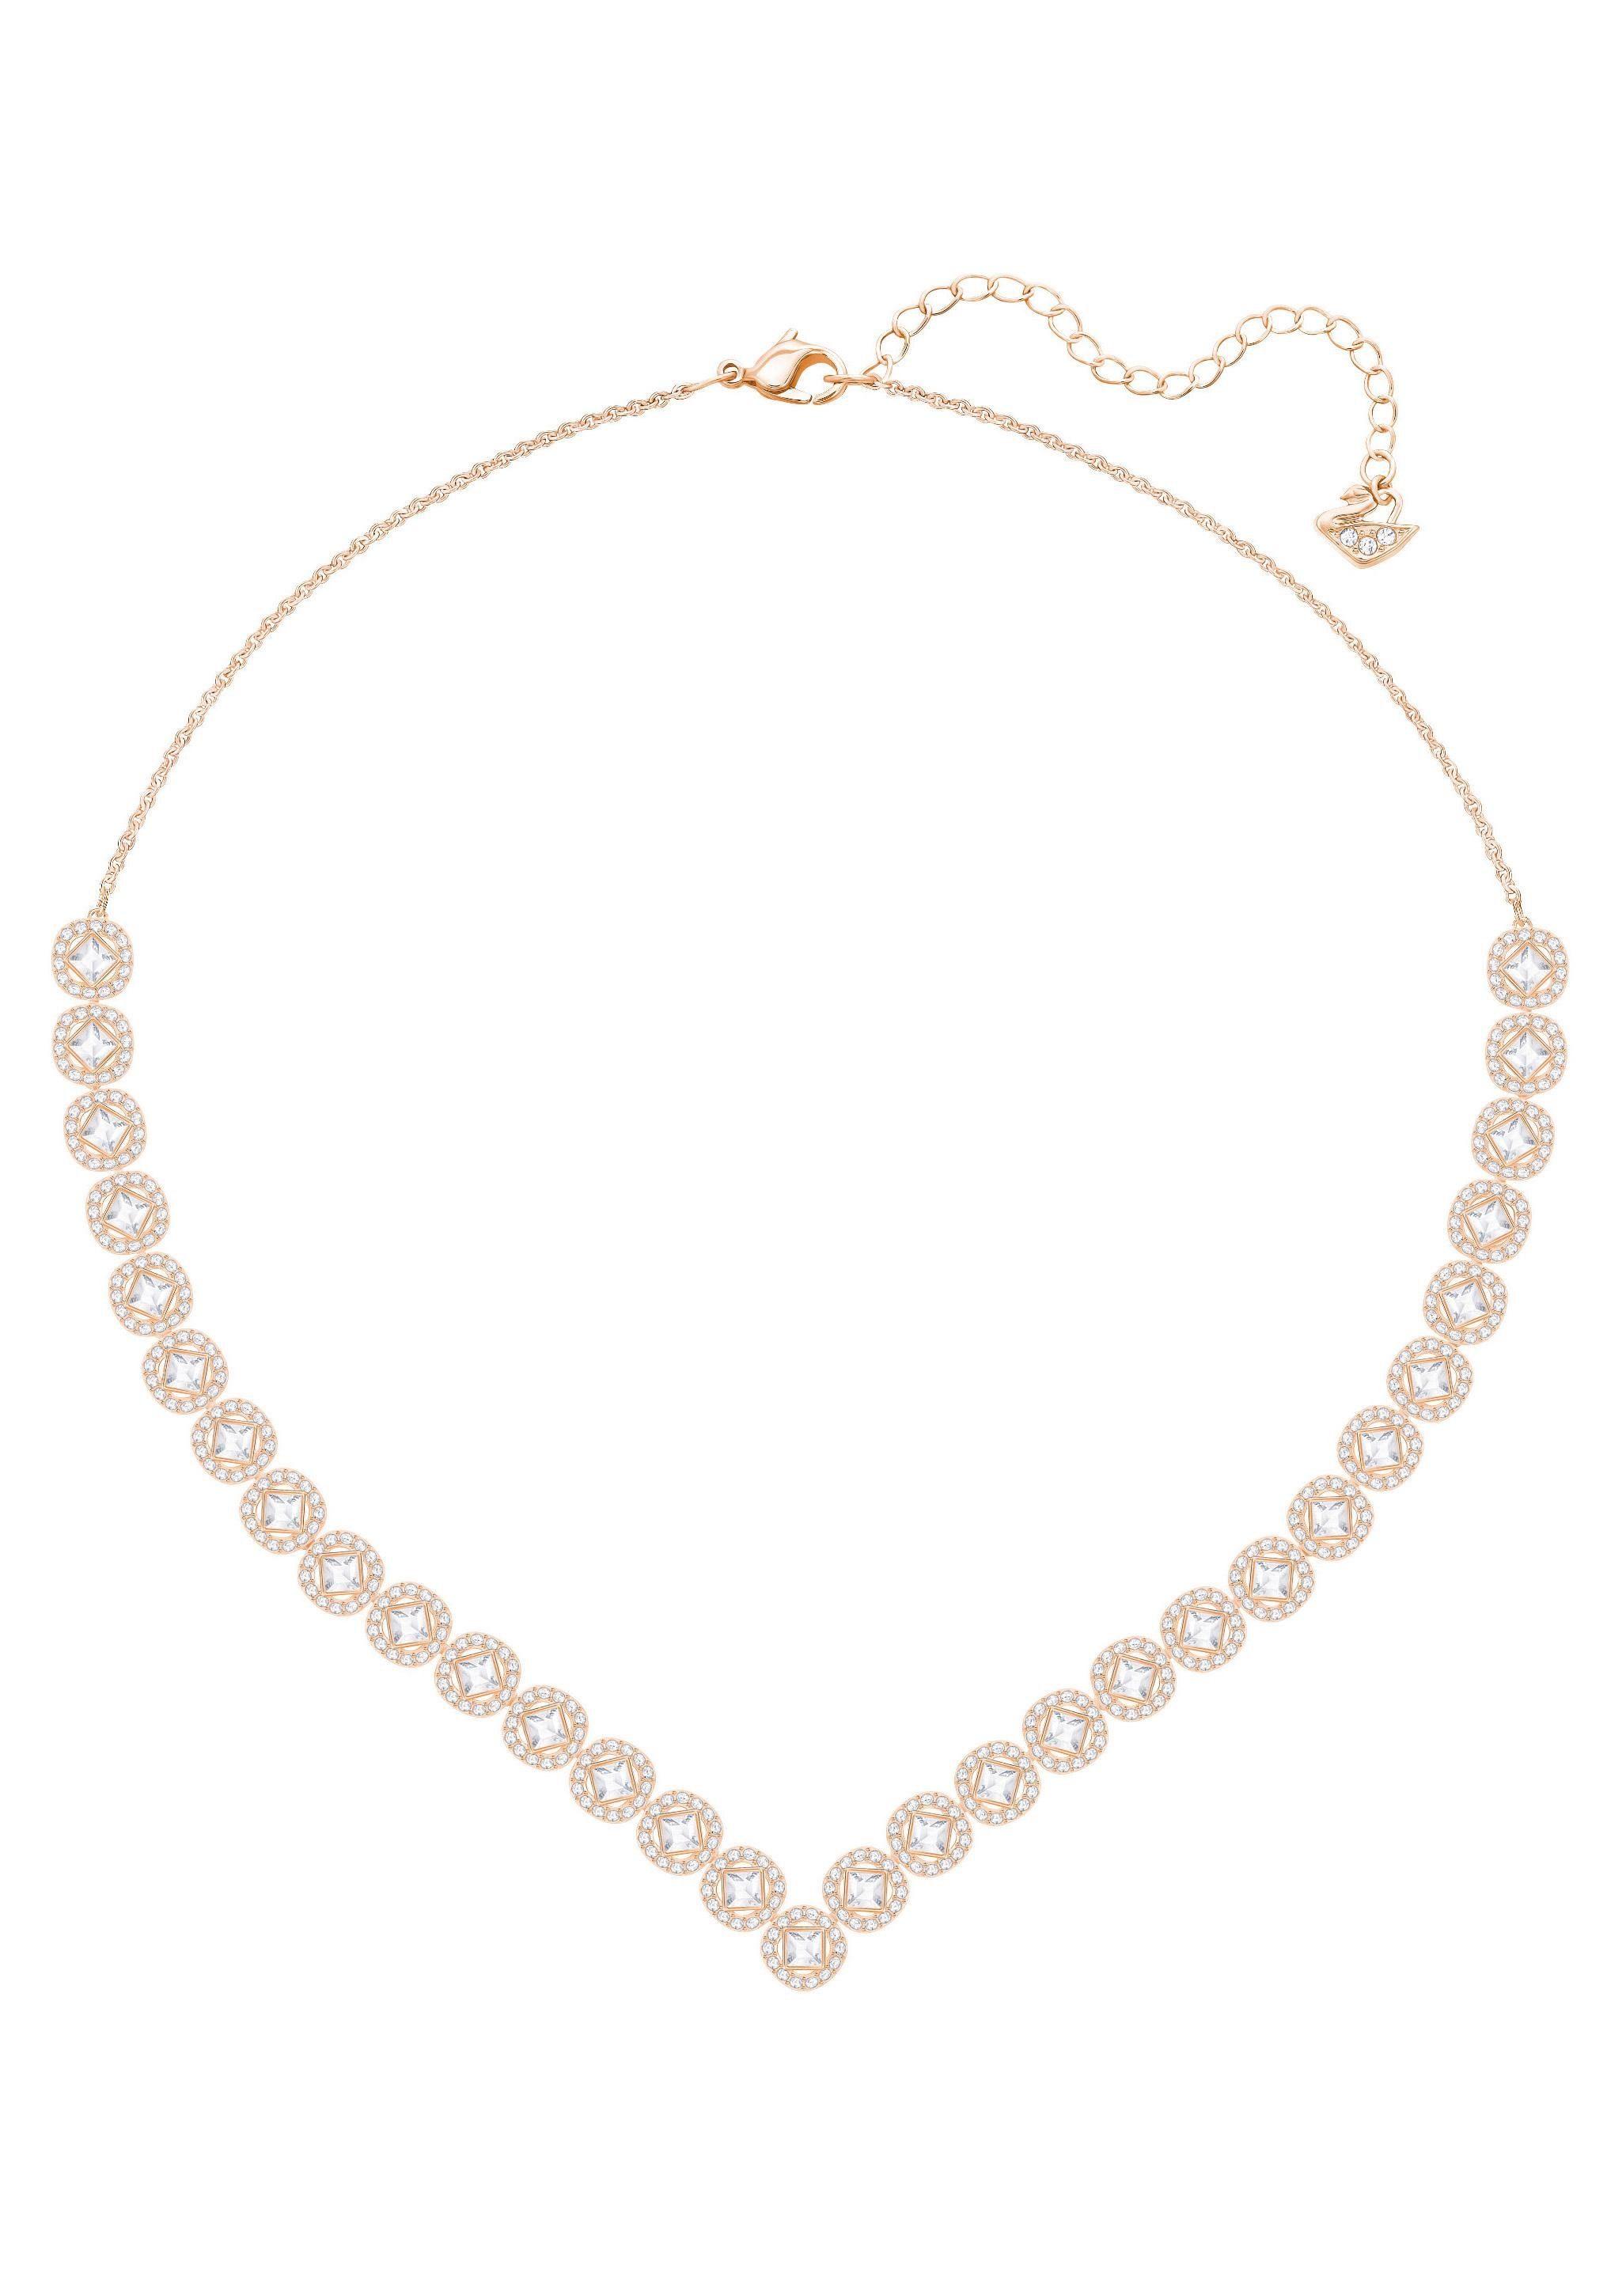 Swarovski Collier »Angelic Square Halskette, groß, weiss, rosé vergoldung, 5351308« mit Swarovski® Kristallen